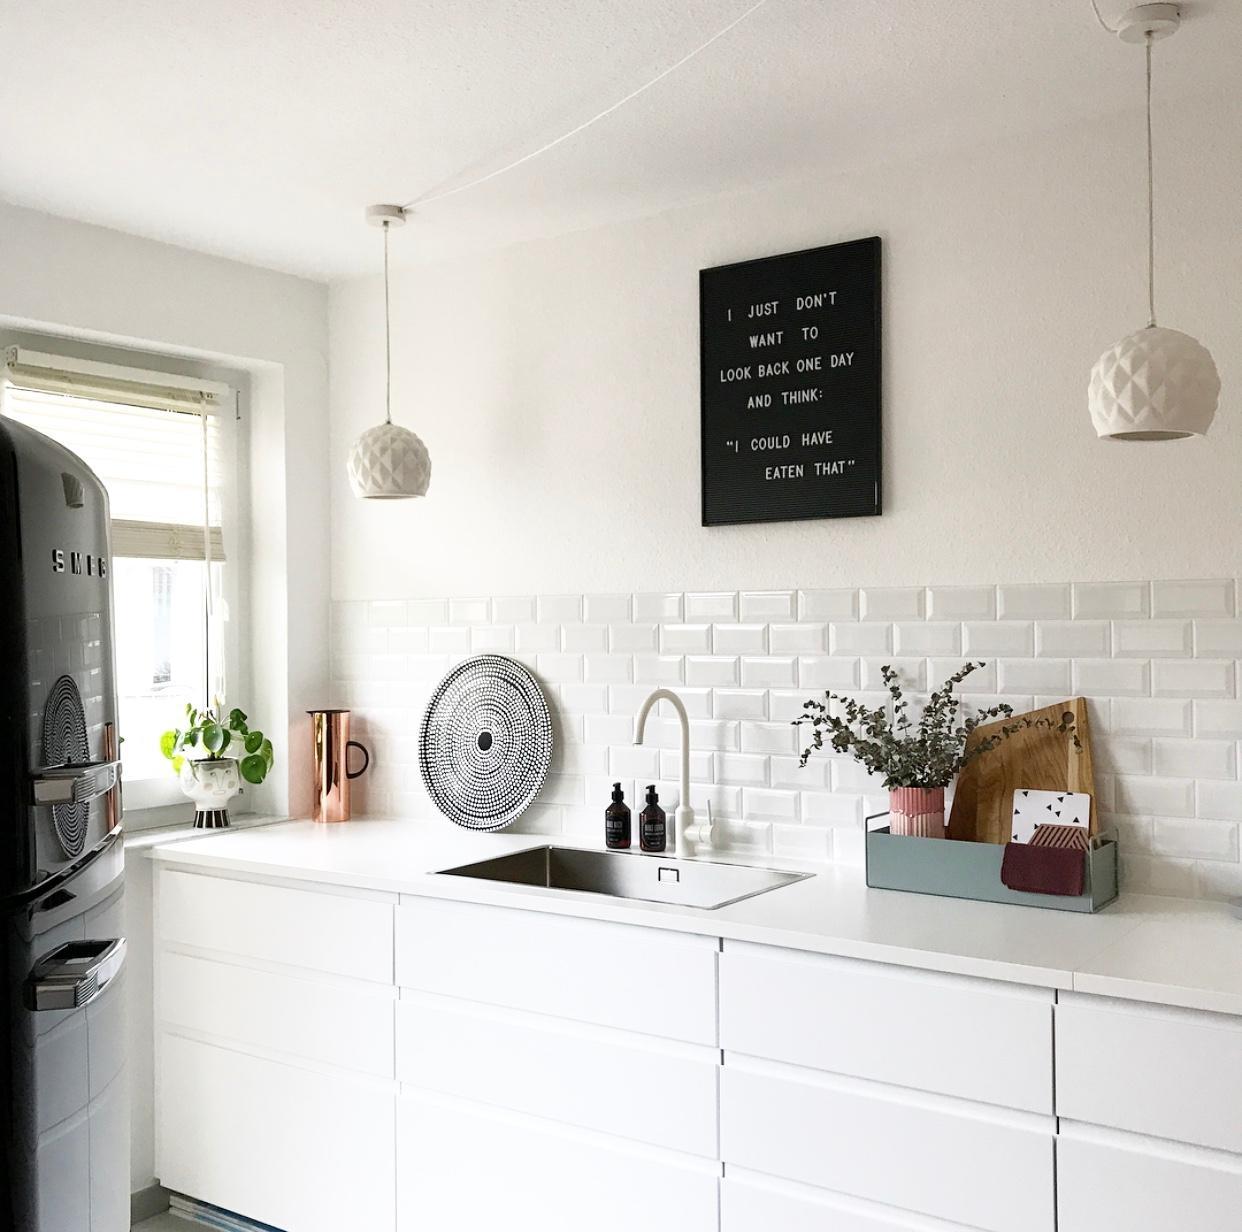 Unsere Küche 🖤. #livingchallenge #küche #metrofliesen